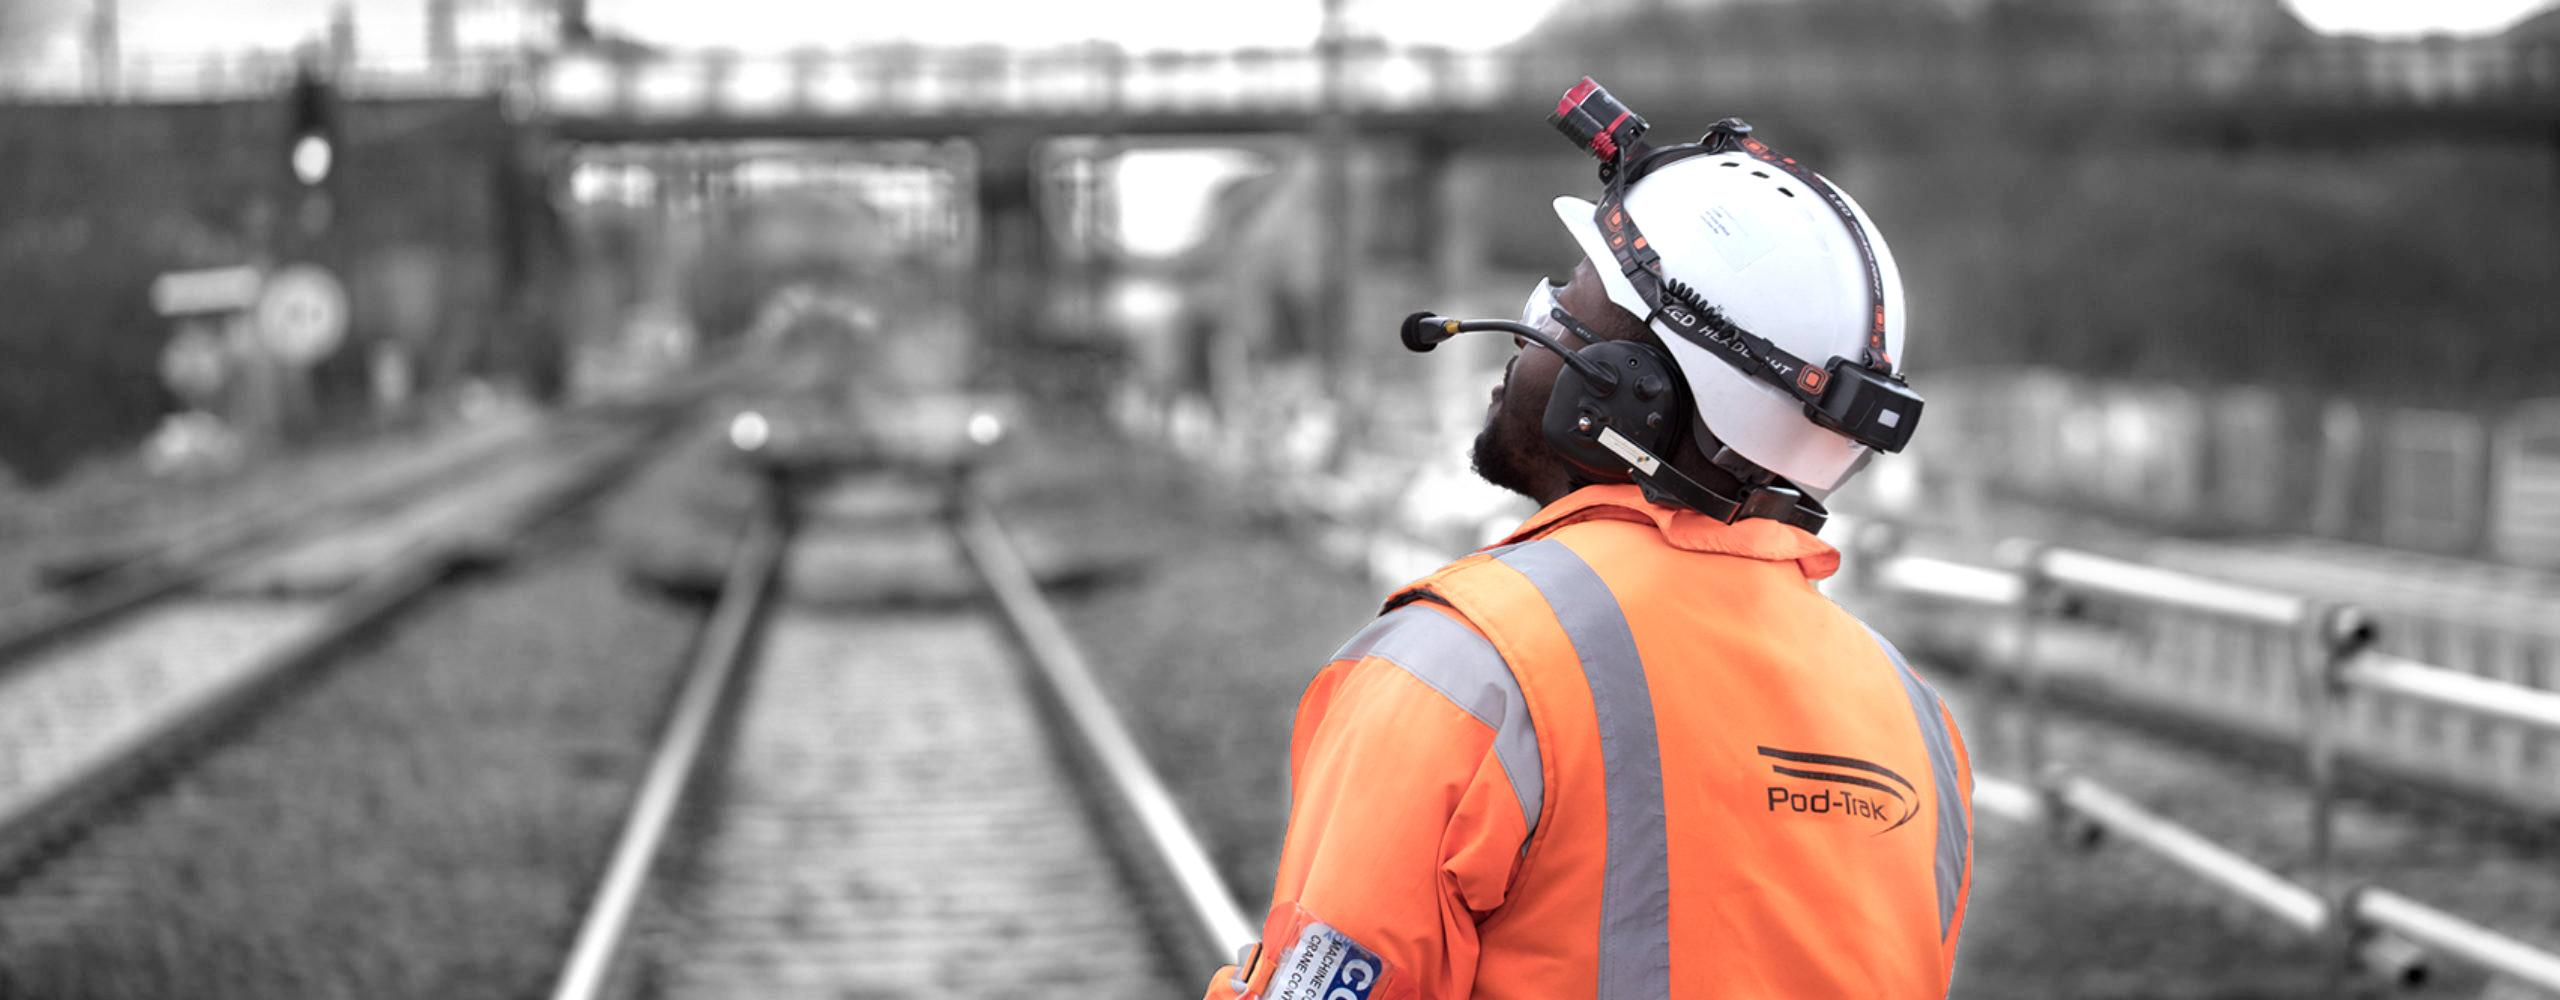 Principal Contrator for Network Rail - Pod-Trak